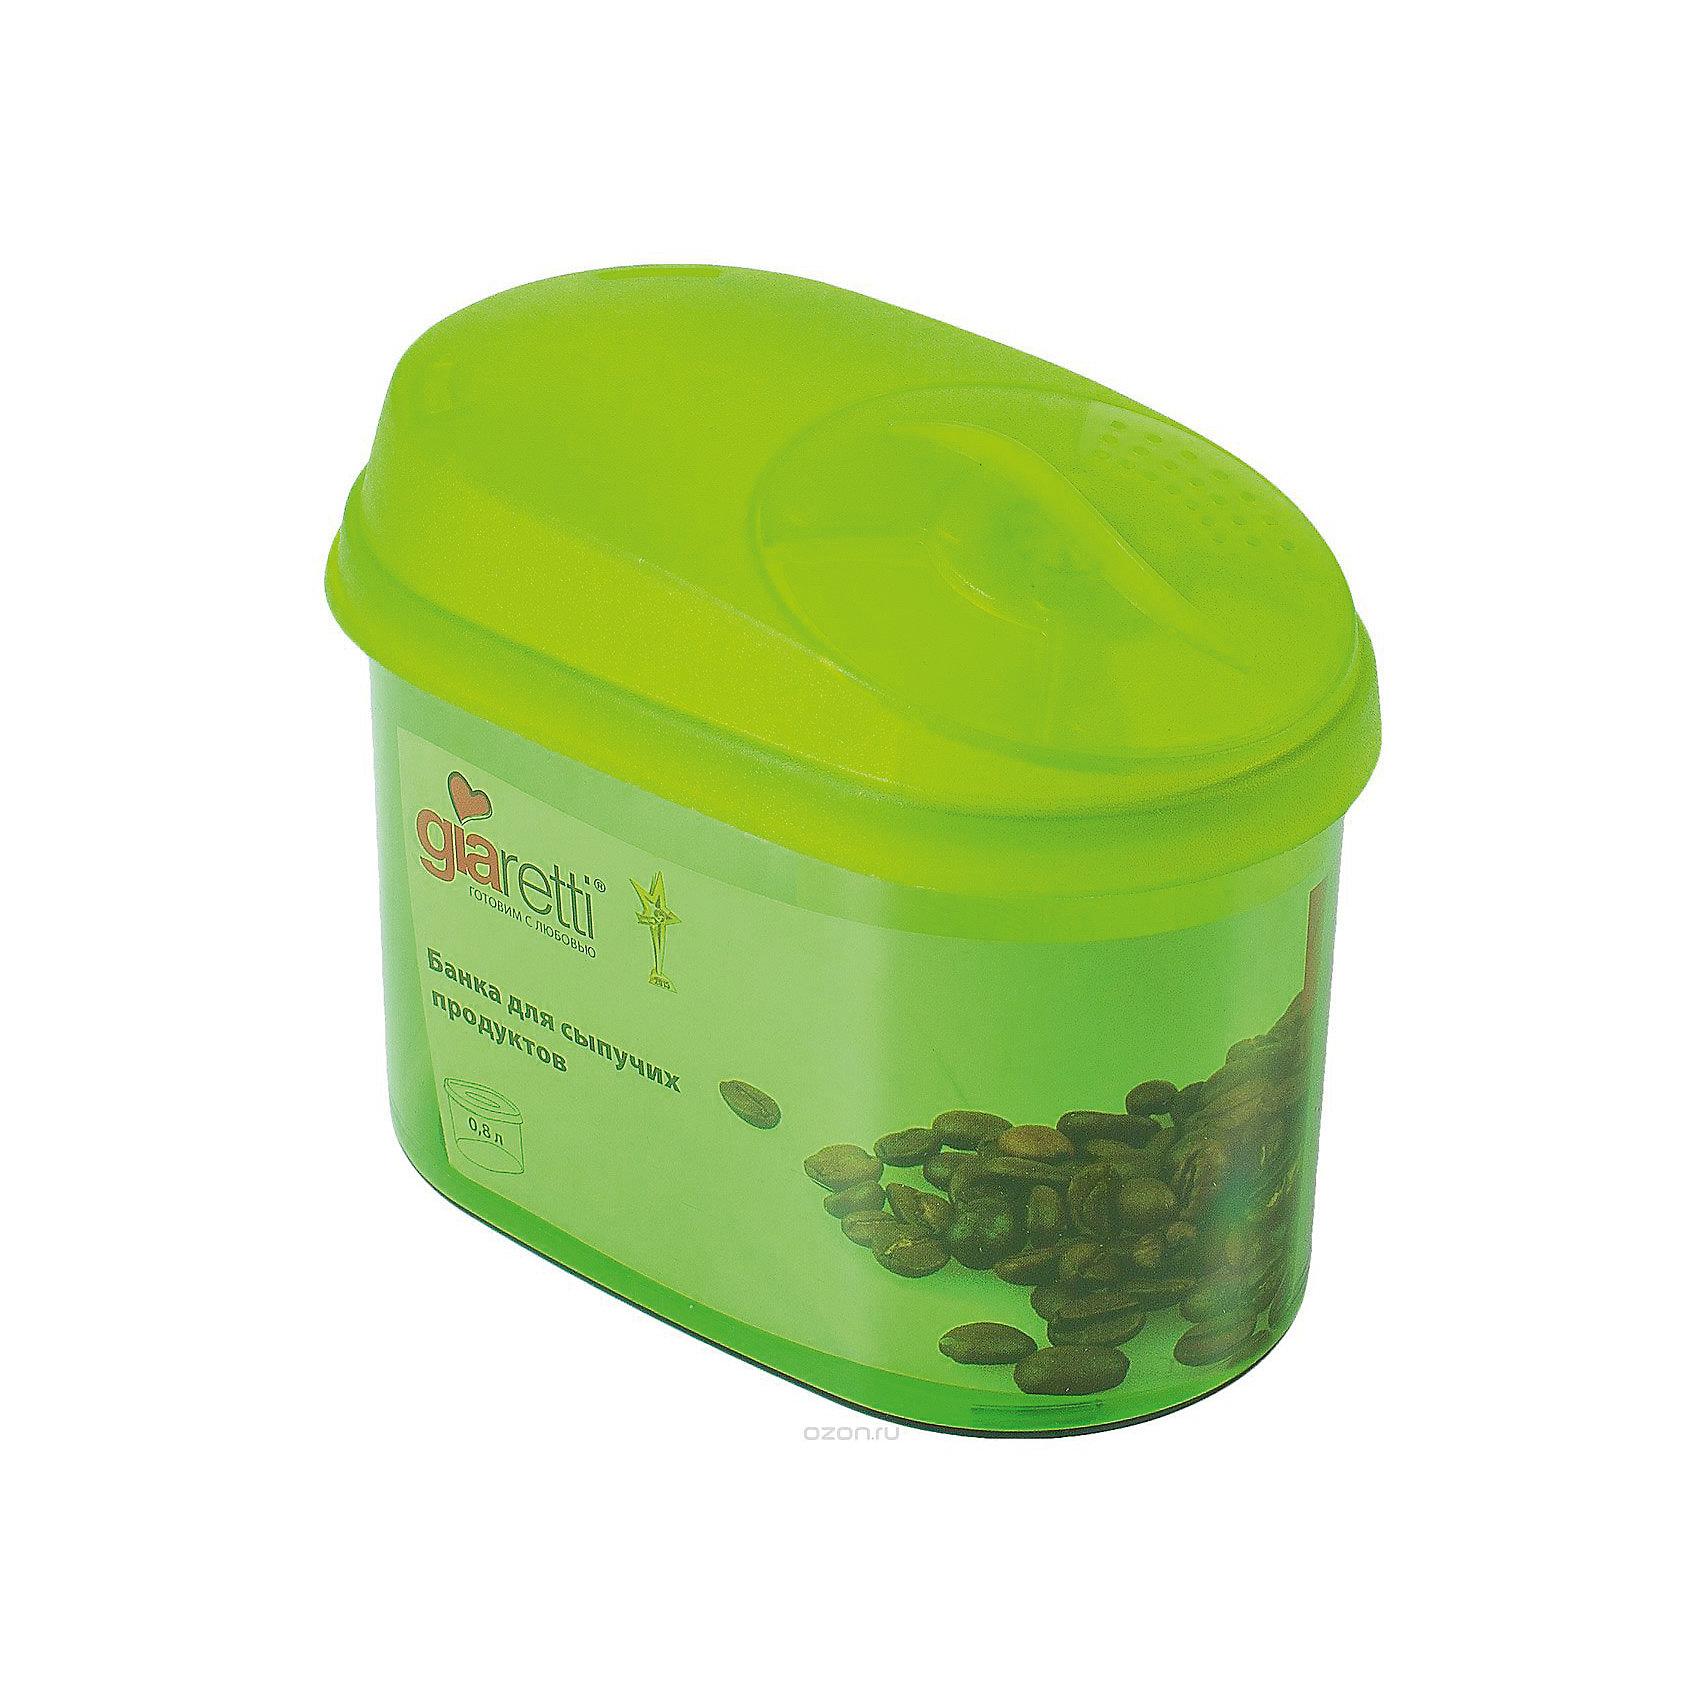 Банка для сыпучих продуктов с дозатором 0,8 л, GiarettiПосуда<br>Банка для сыпучих продуктов с дозатором 0,8 л, Giaretti<br><br>Характеристики:<br><br>• Материал: пластик<br>• В комплекте: 1 штука<br>• Объем: 0,8 литра<br>• Используется: для сыпучих продуктов<br><br>Банки данной серии снабжены плотной крышкой, благодаря чему в них удобно хранить даже специи, ведь они не пропускают запаха. Так же банка может использоваться для хранения сыпучих продуктов - круп, сахара, макарон и тд. Благодаря тому, что изделие изготовлено из высококачественного пищевого пластика, оно не влияет на вкус и запах хранящихся продуктов, а удобная форма позволят хранить не использующиеся банки, ставя их друг в друга для экономии пространства. Банка оснащена дозатором для высыпания. <br><br>Банка для сыпучих продуктов с дозатором 0,8 л, Giaretti можно купить в нашем интернет-магазине.<br><br>Ширина мм: 155<br>Глубина мм: 90<br>Высота мм: 120<br>Вес г: 135<br>Возраст от месяцев: 216<br>Возраст до месяцев: 1188<br>Пол: Унисекс<br>Возраст: Детский<br>SKU: 5545633